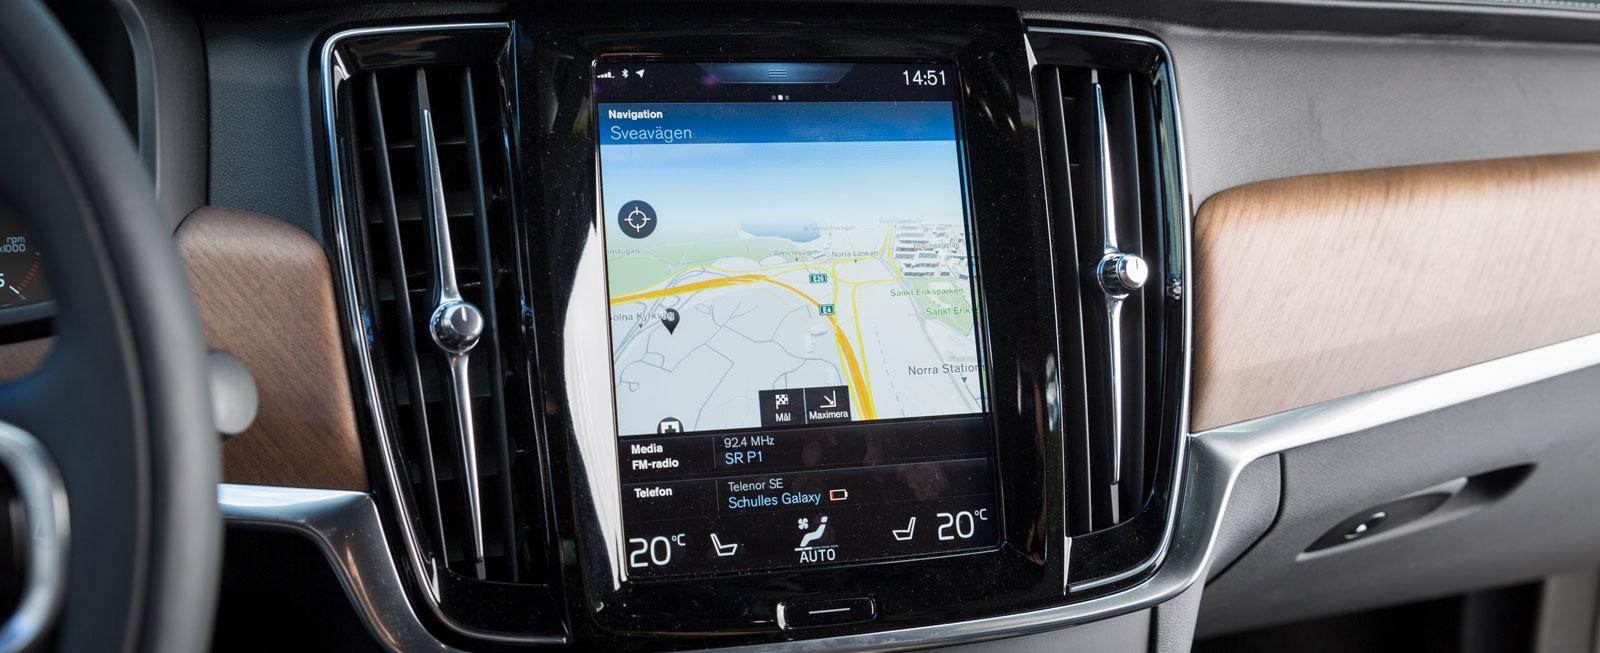 I Volvon hanteras nästan alla vitala inställningar och funktioner via den stora pekskärmen. Systemet kan mycket, men kräver viss tillvänjning för att fungera smidigt.